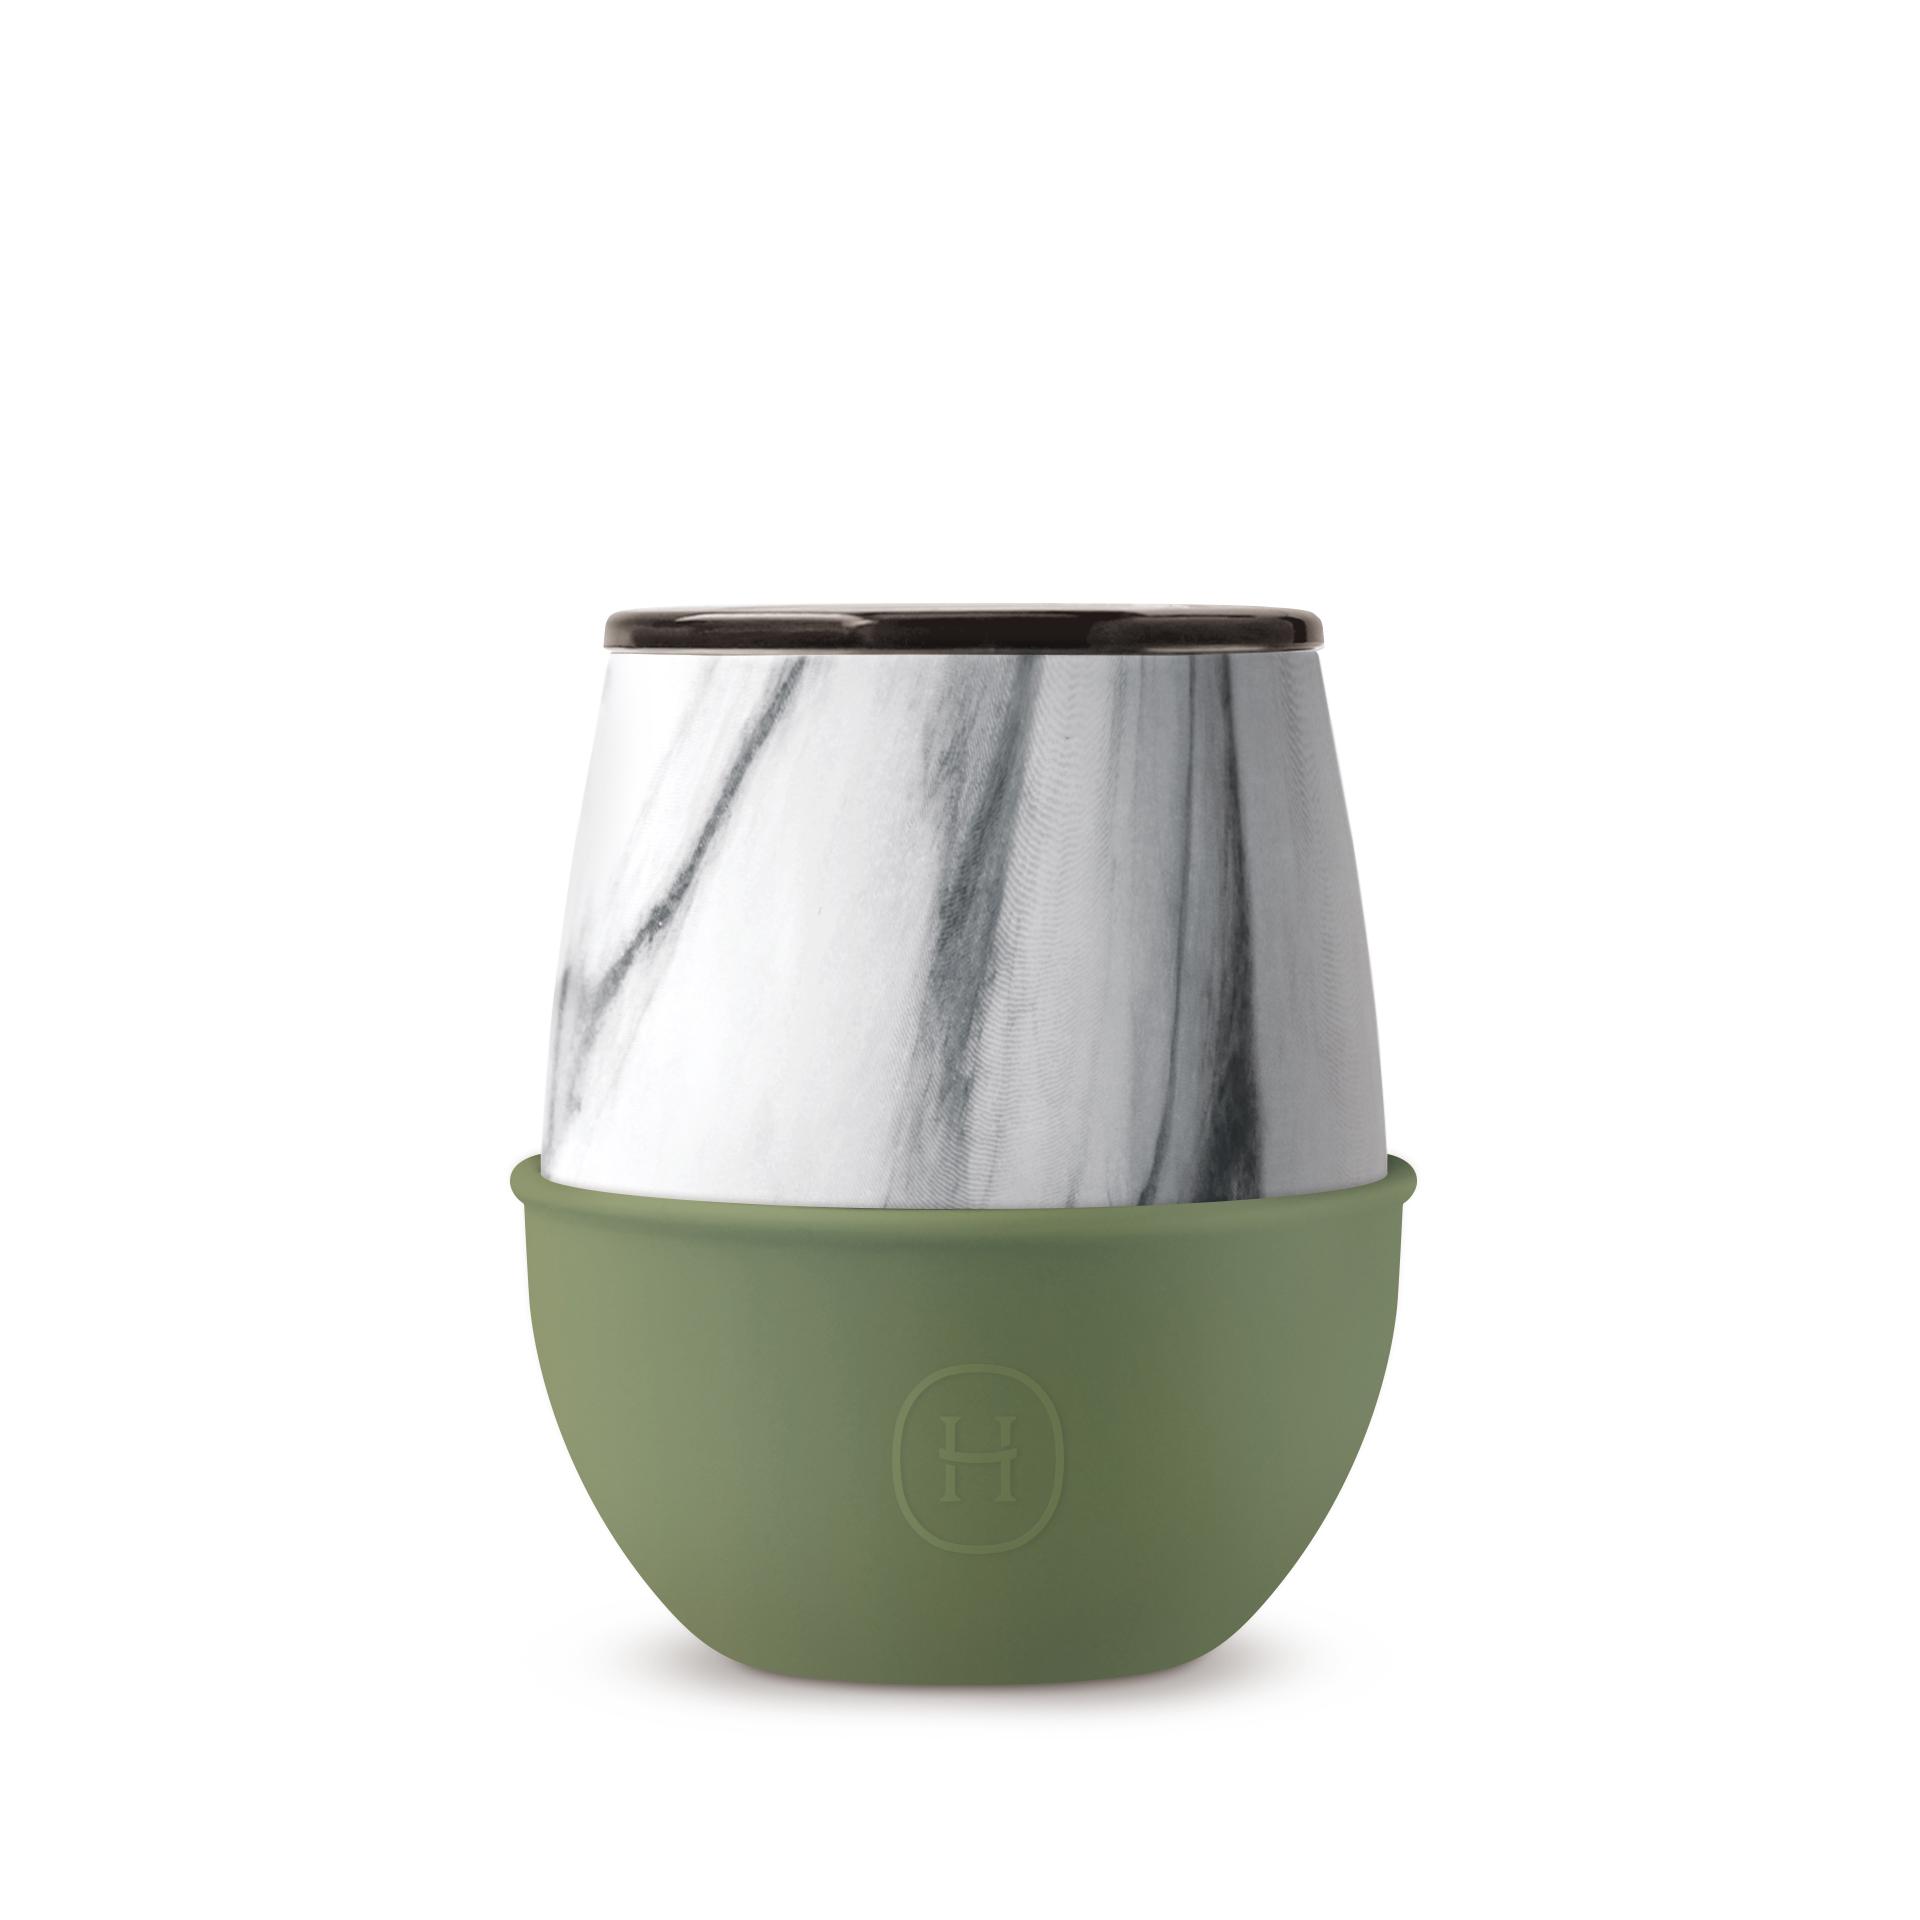 美國 HYDY Delicia 大理石紋雙層隨行保溫杯 蛋型杯 橄欖綠 240ml